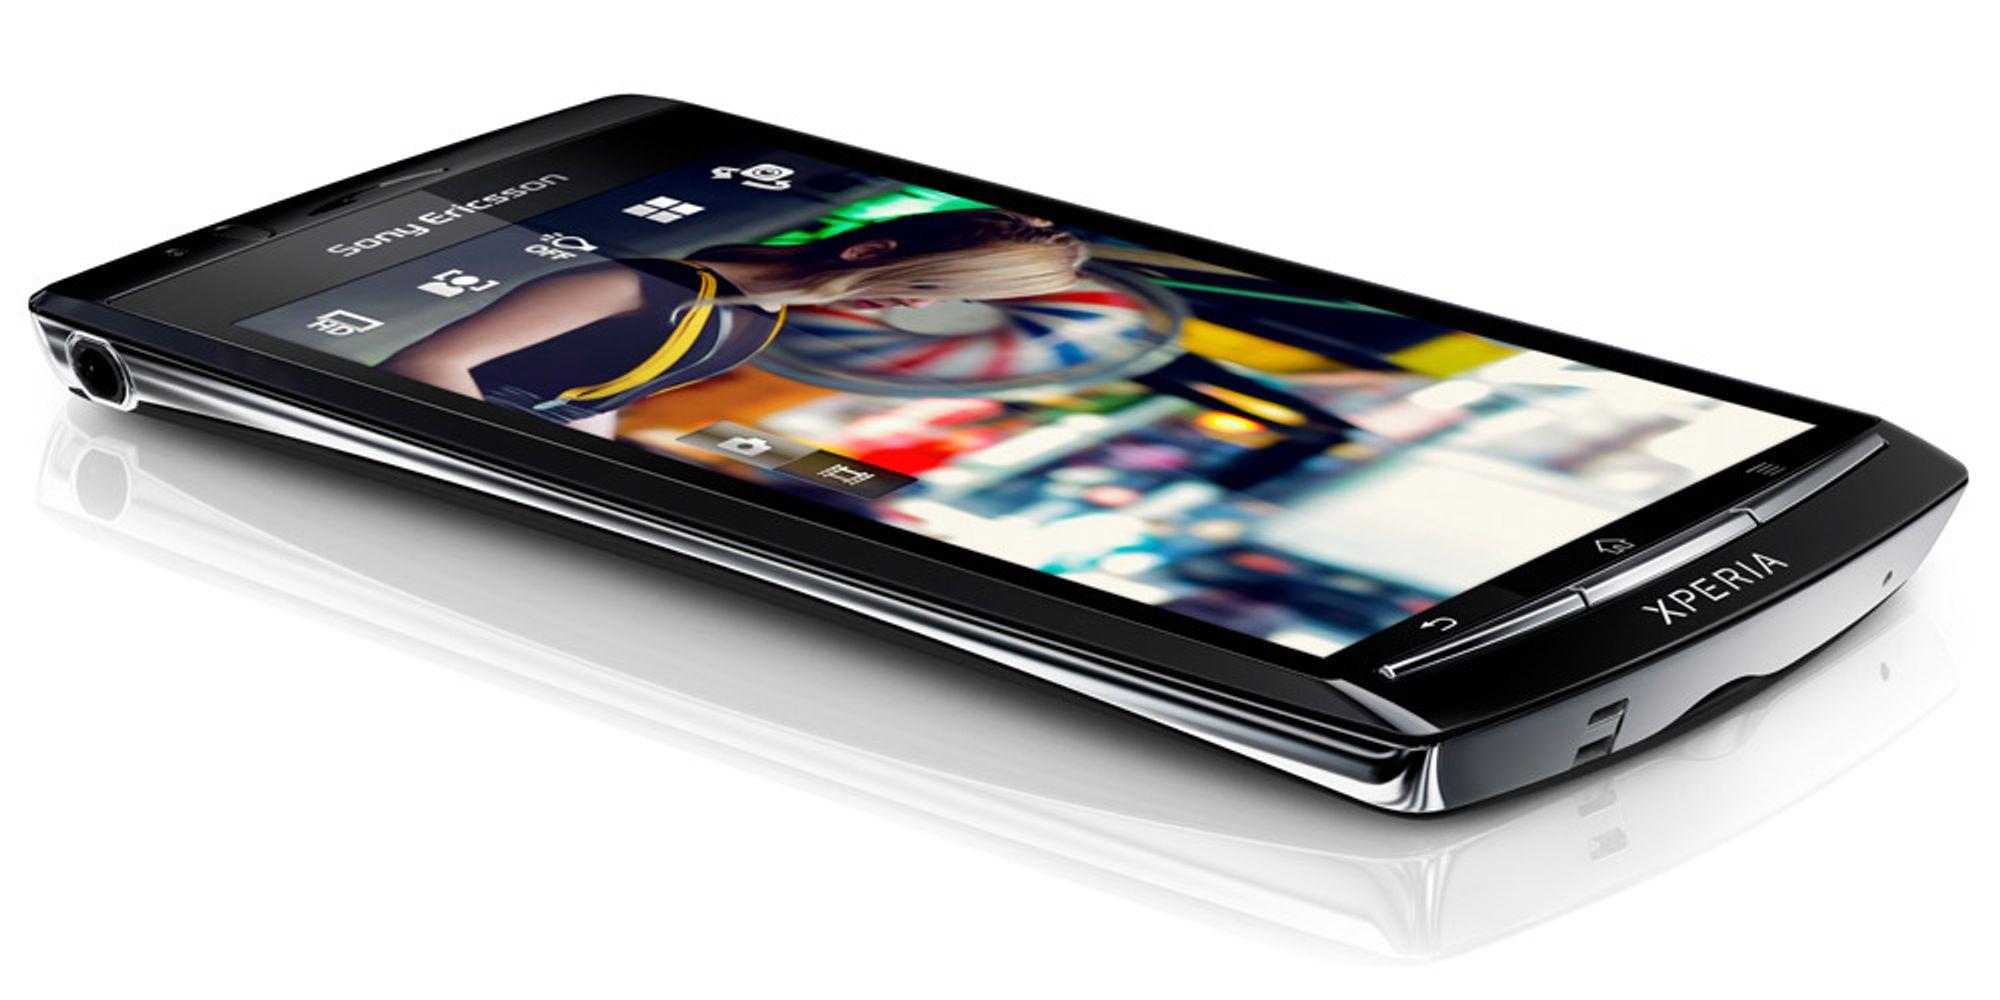 Slik blir Sony Ericsson i år